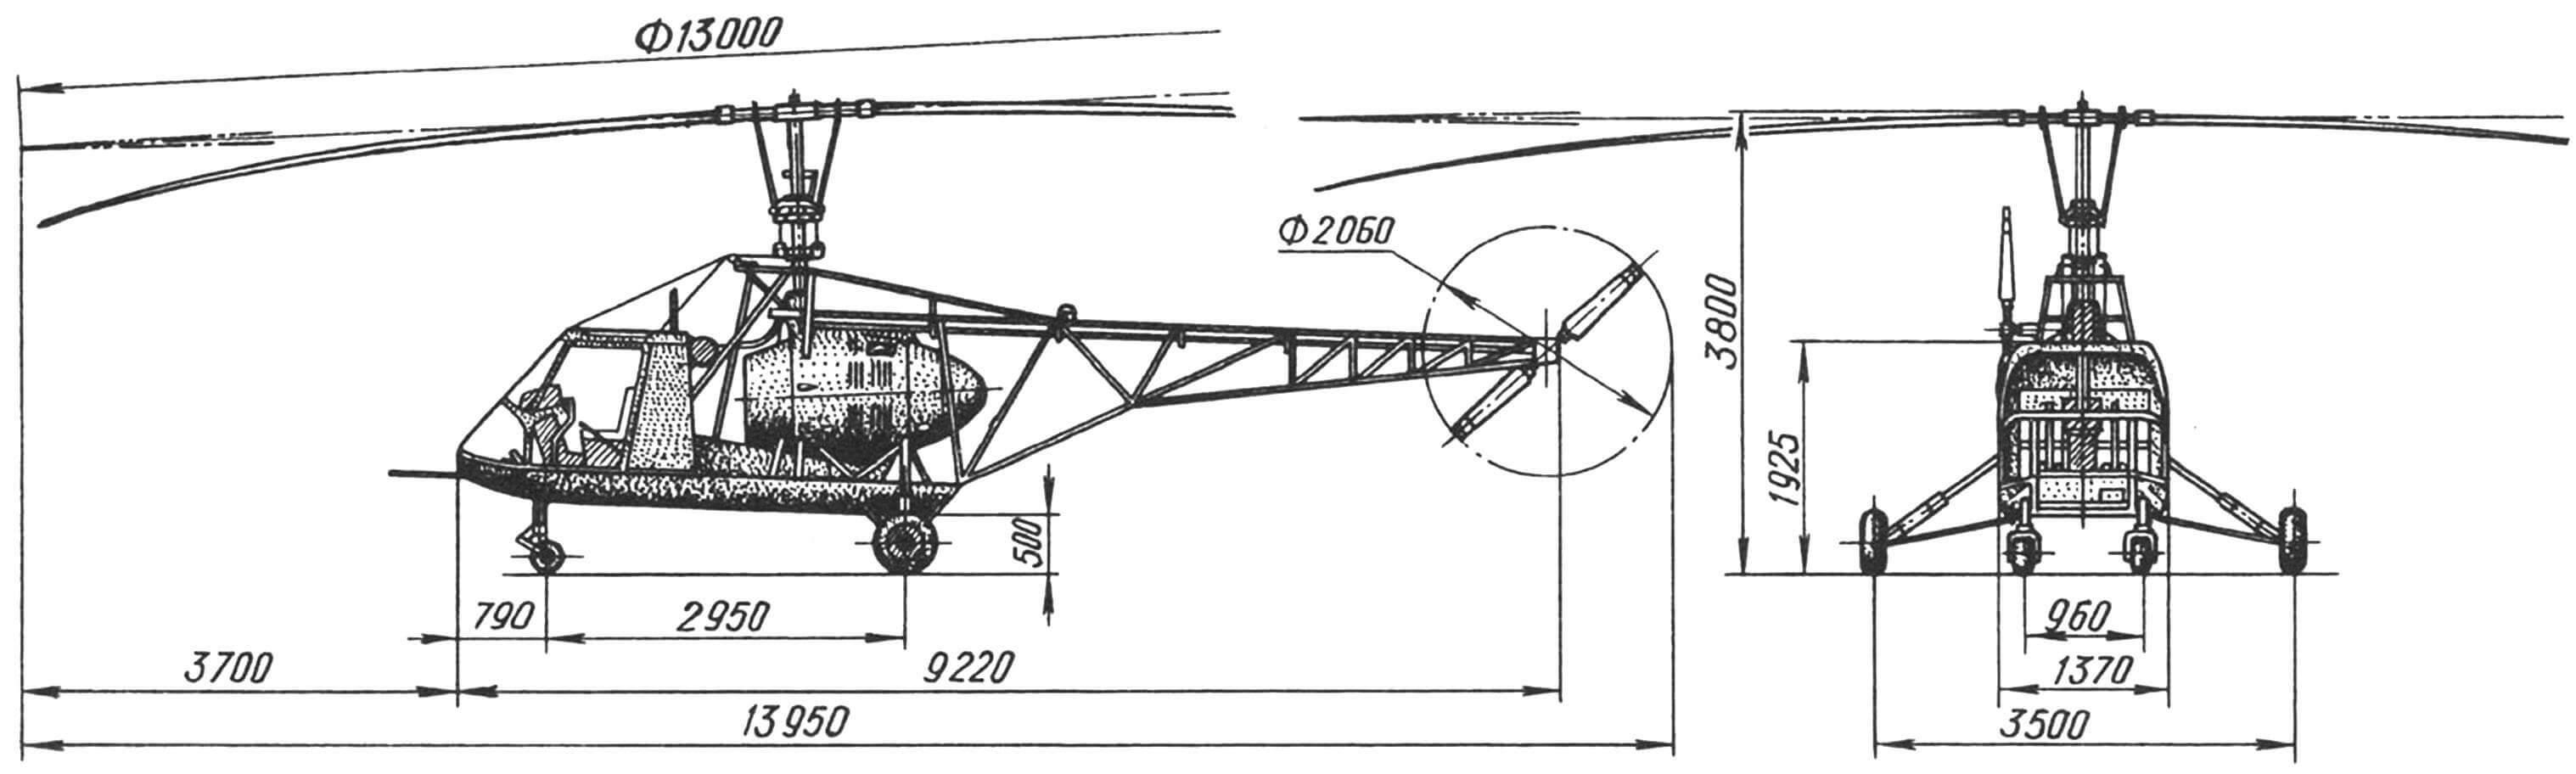 Вертолет СВ-3 конструкции В.А. Свербиля